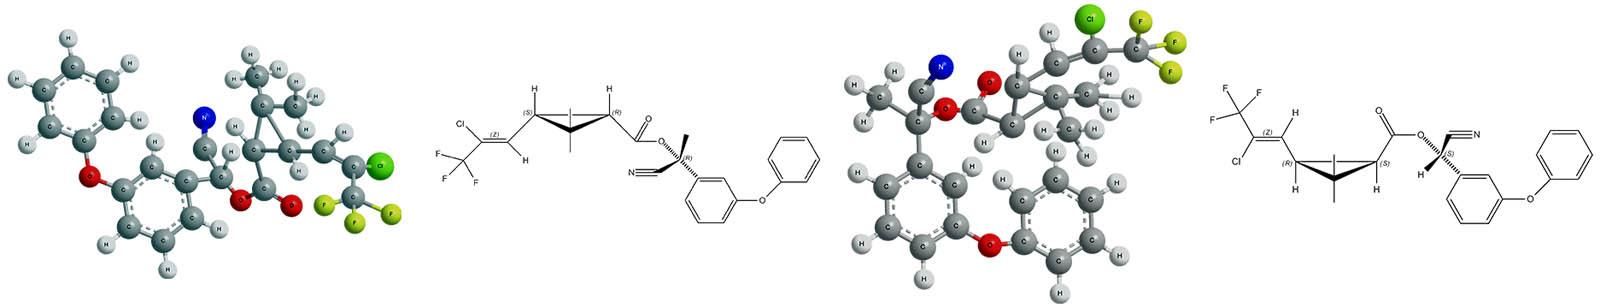 Химические формулы веществ, составляющих ДВ инсектицида Каратэ Зеон